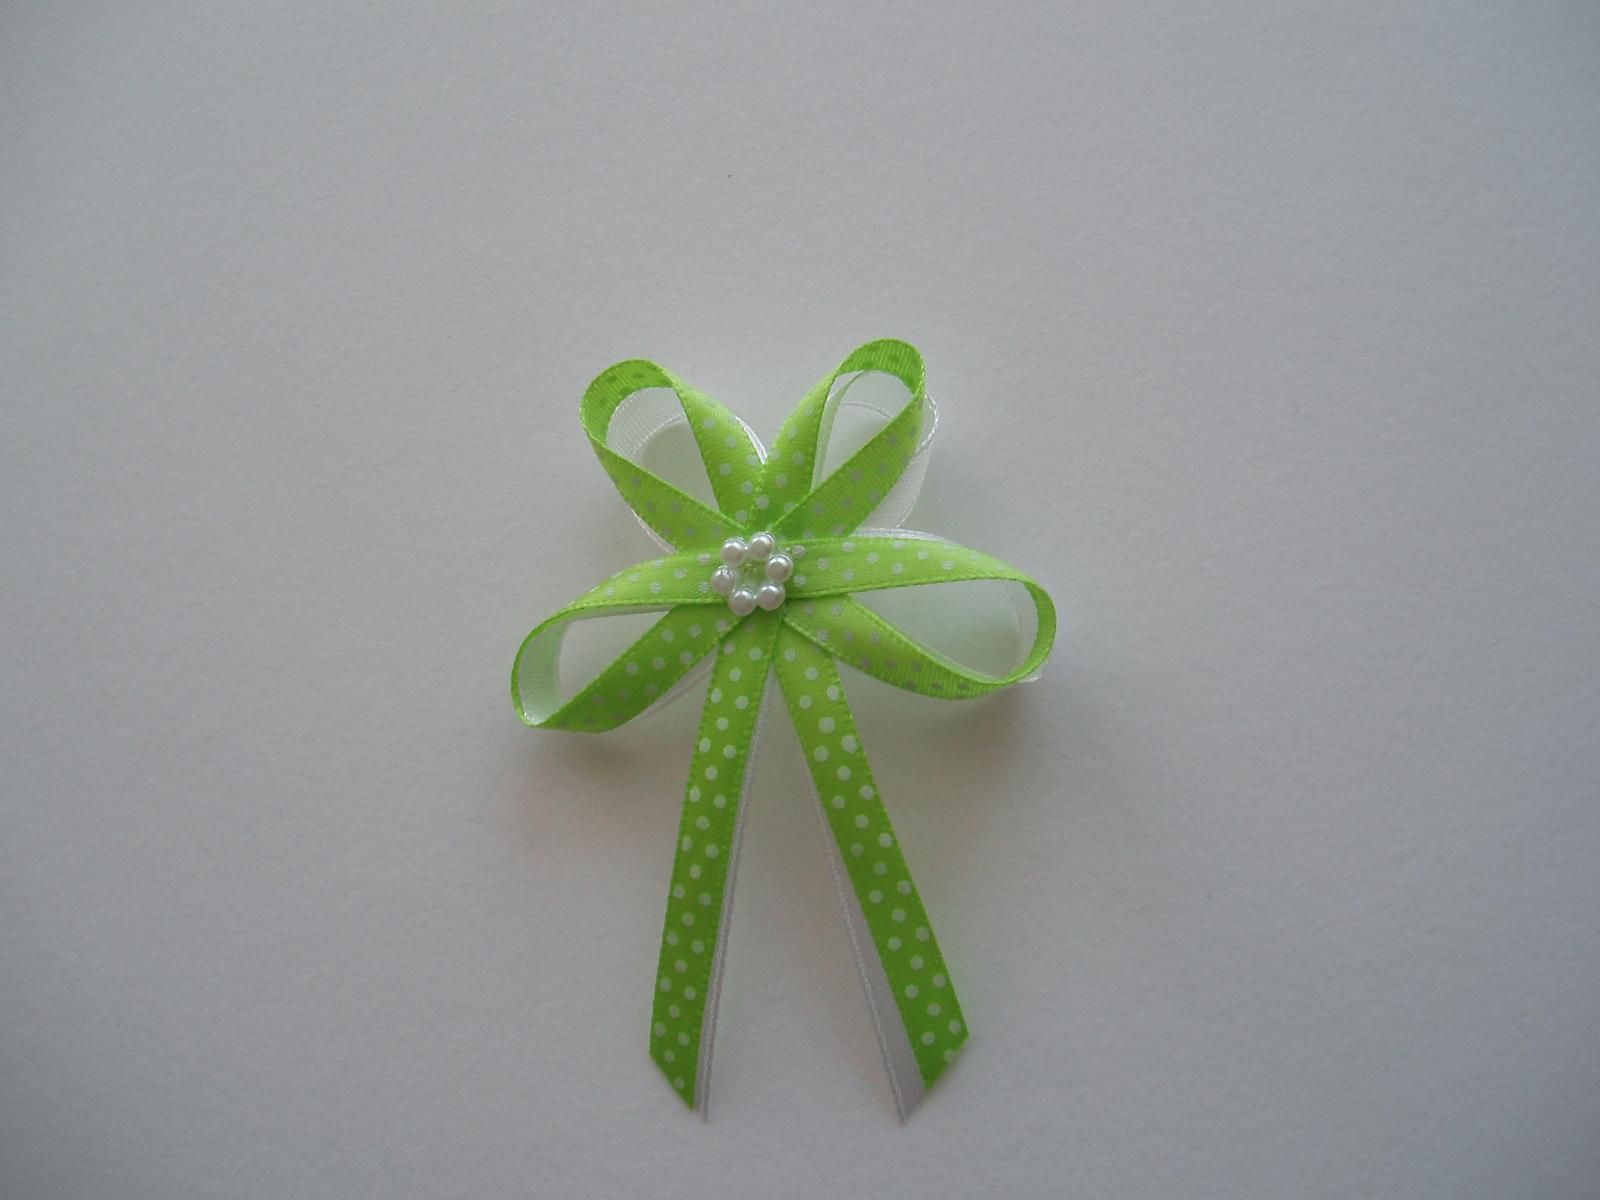 vývazek -zelený puntík - Obrázek č. 1